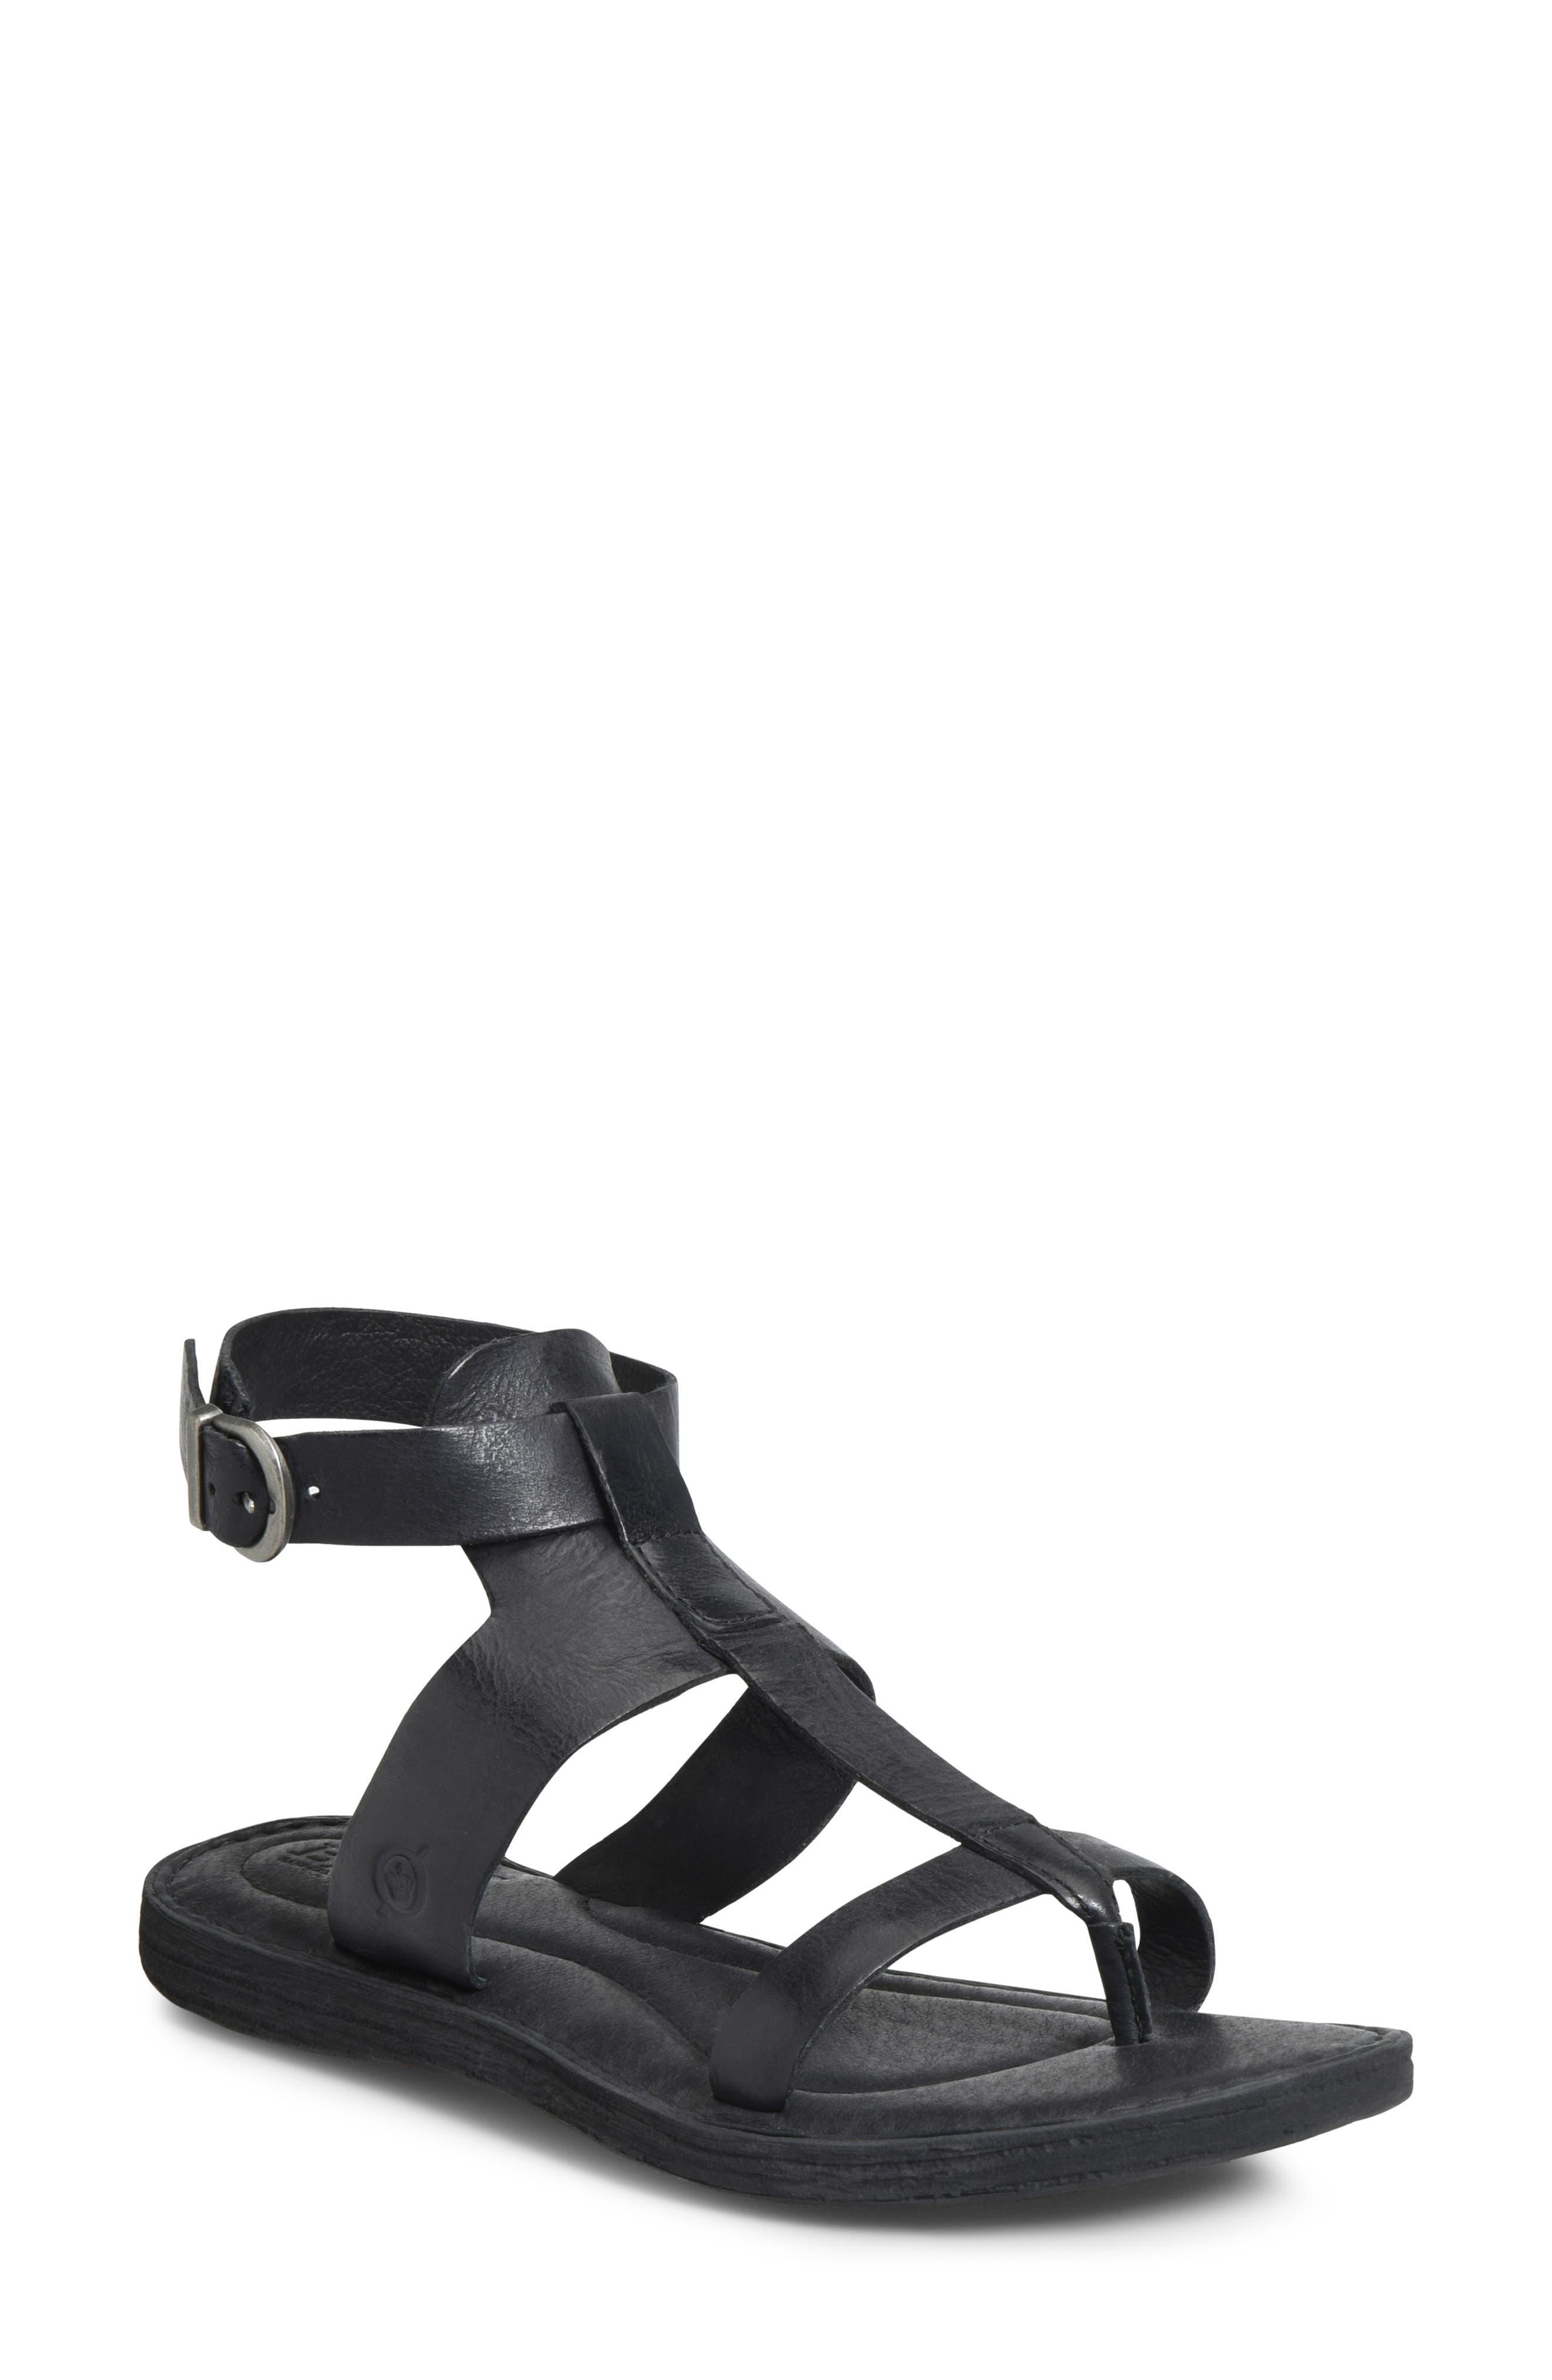 B?rn St. Helens Sandal, Black